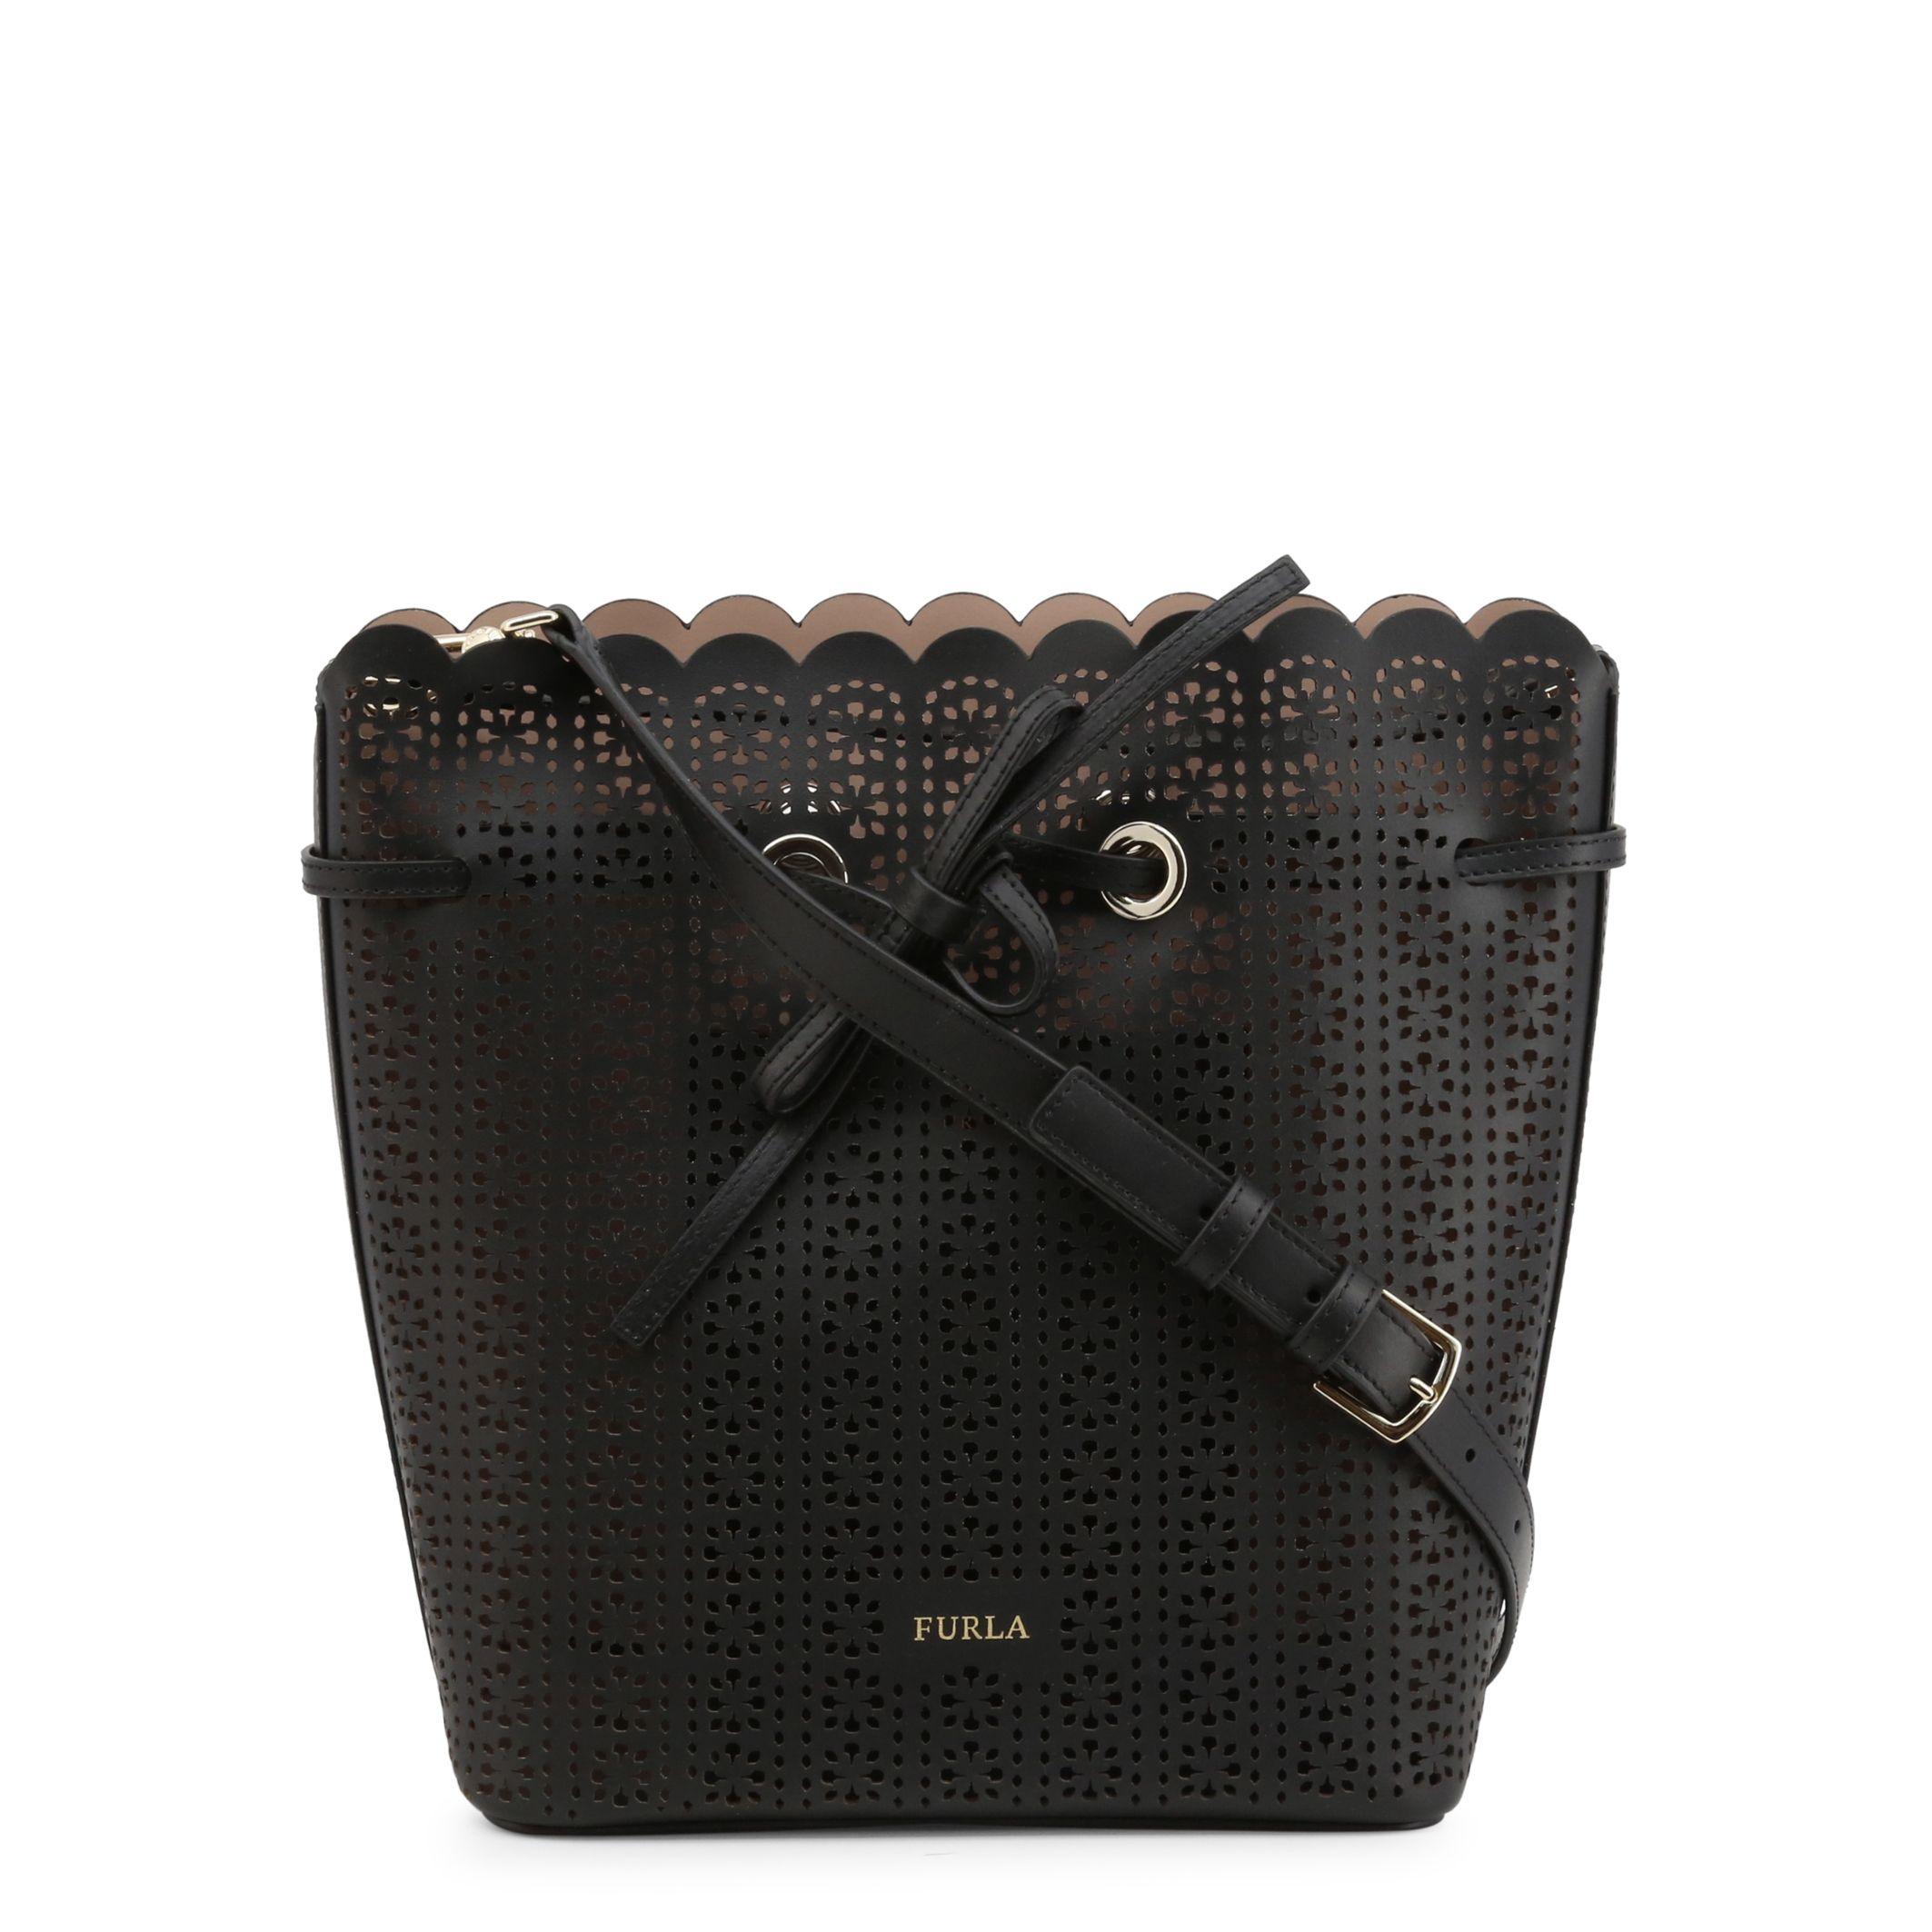 Furla Womens Crossbody Bags